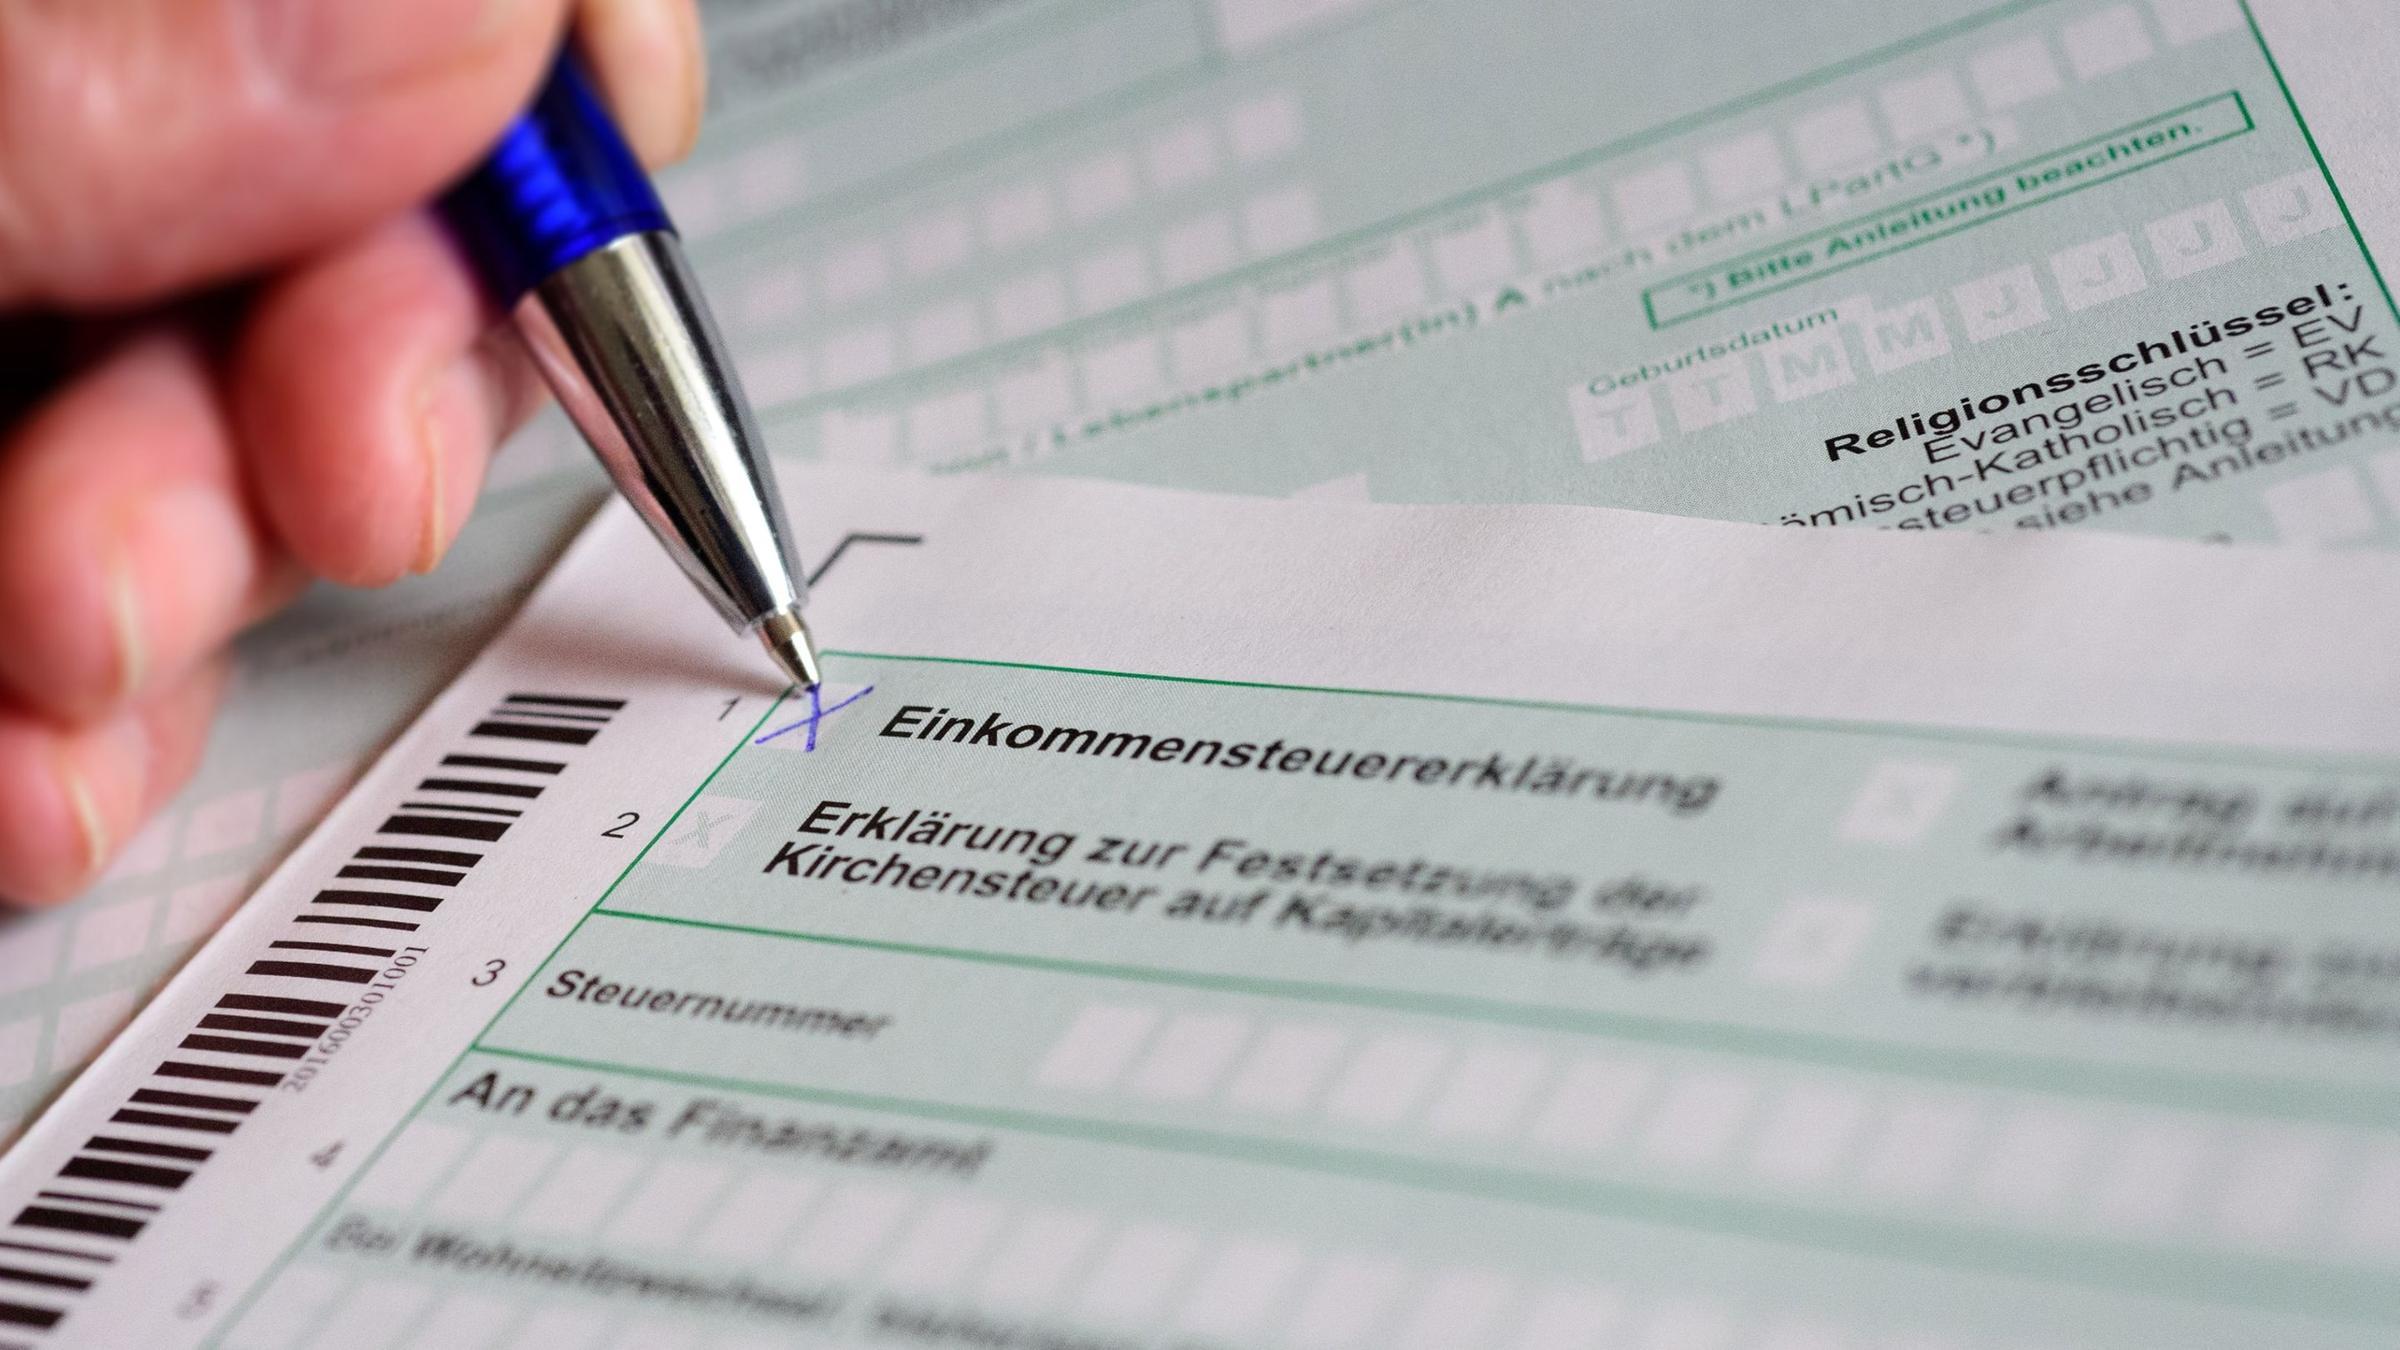 Gleichstellung Homosexueller Steuererklarung Ohne Ehemann Und Ehefrau Zdfheute